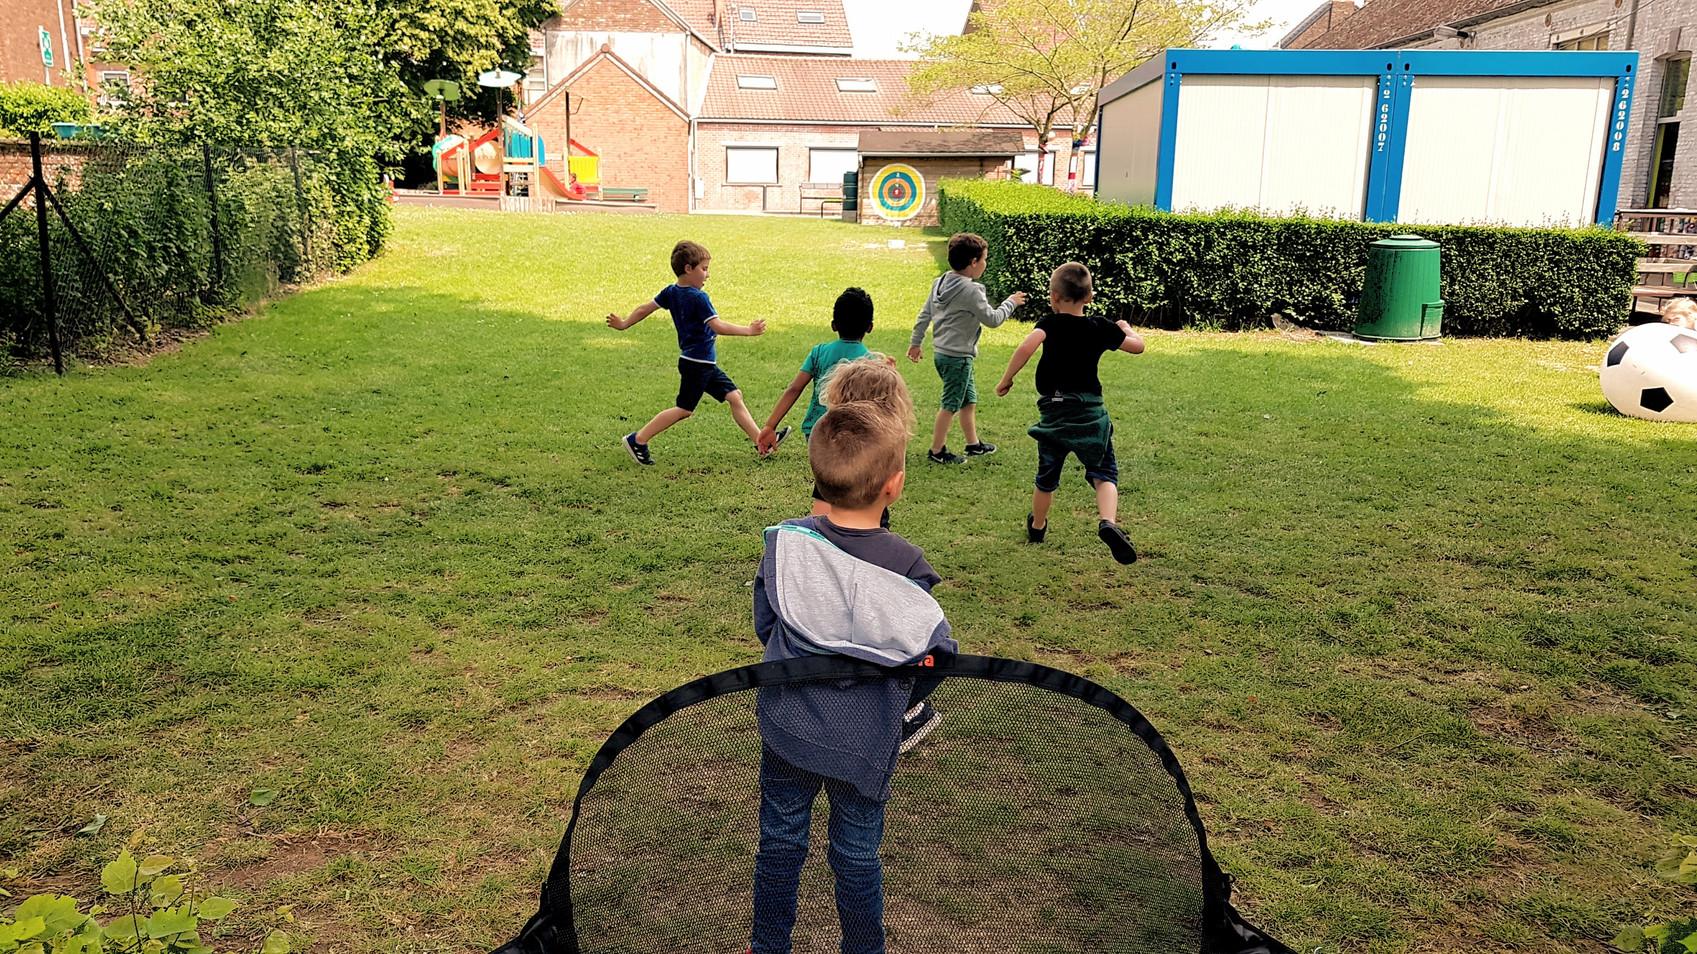 Jeux dans la cour.